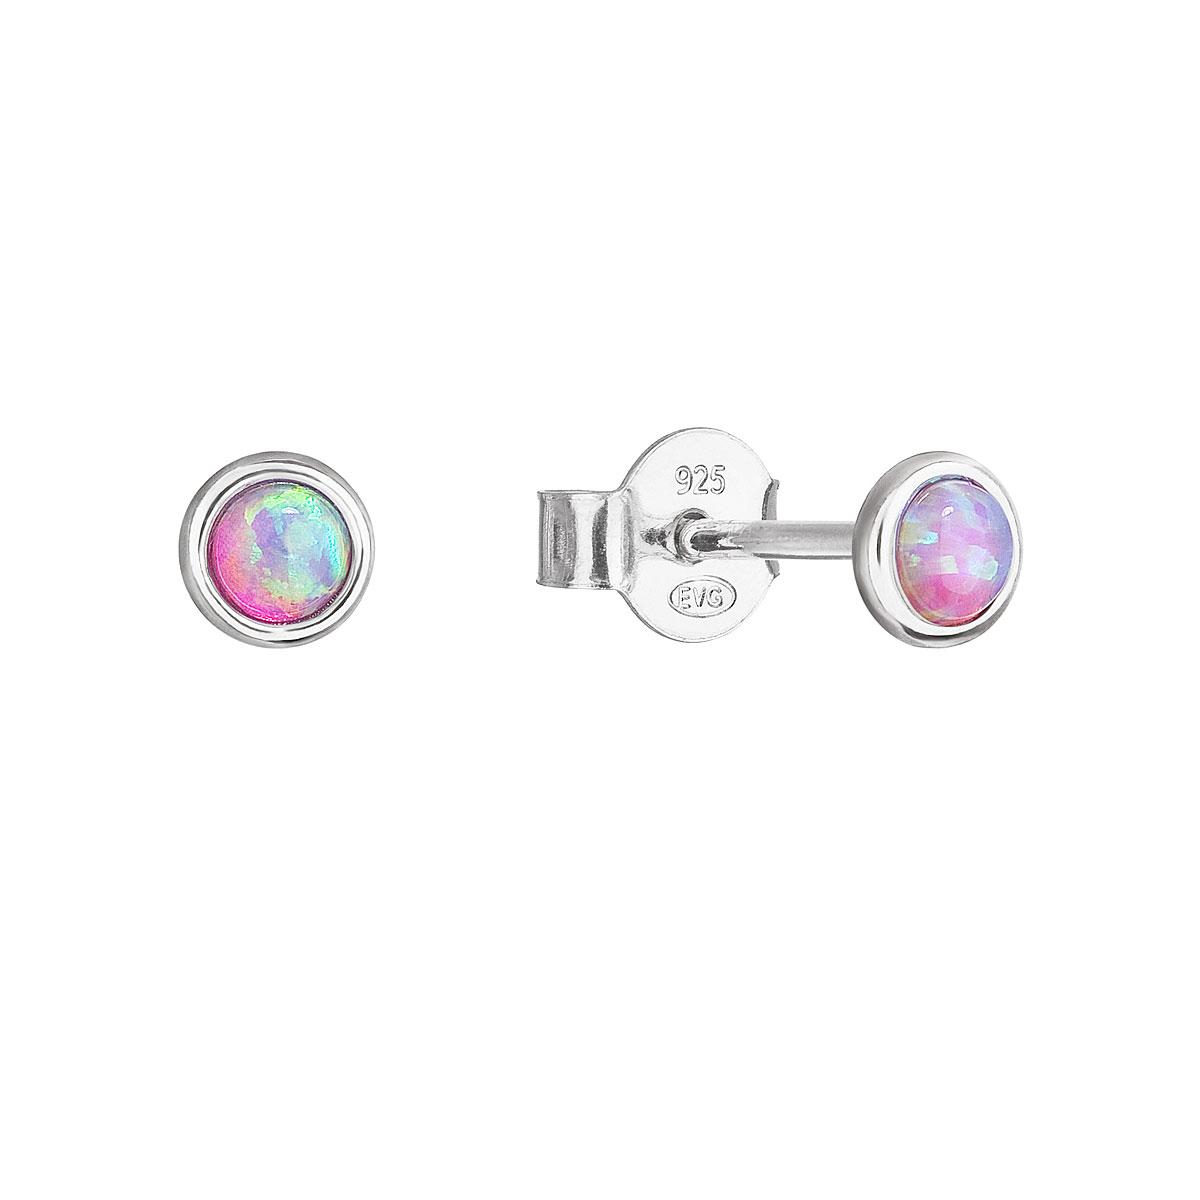 Strieborné náušnice perličky so syntetickým opálom ružové okrúhle 11338.3